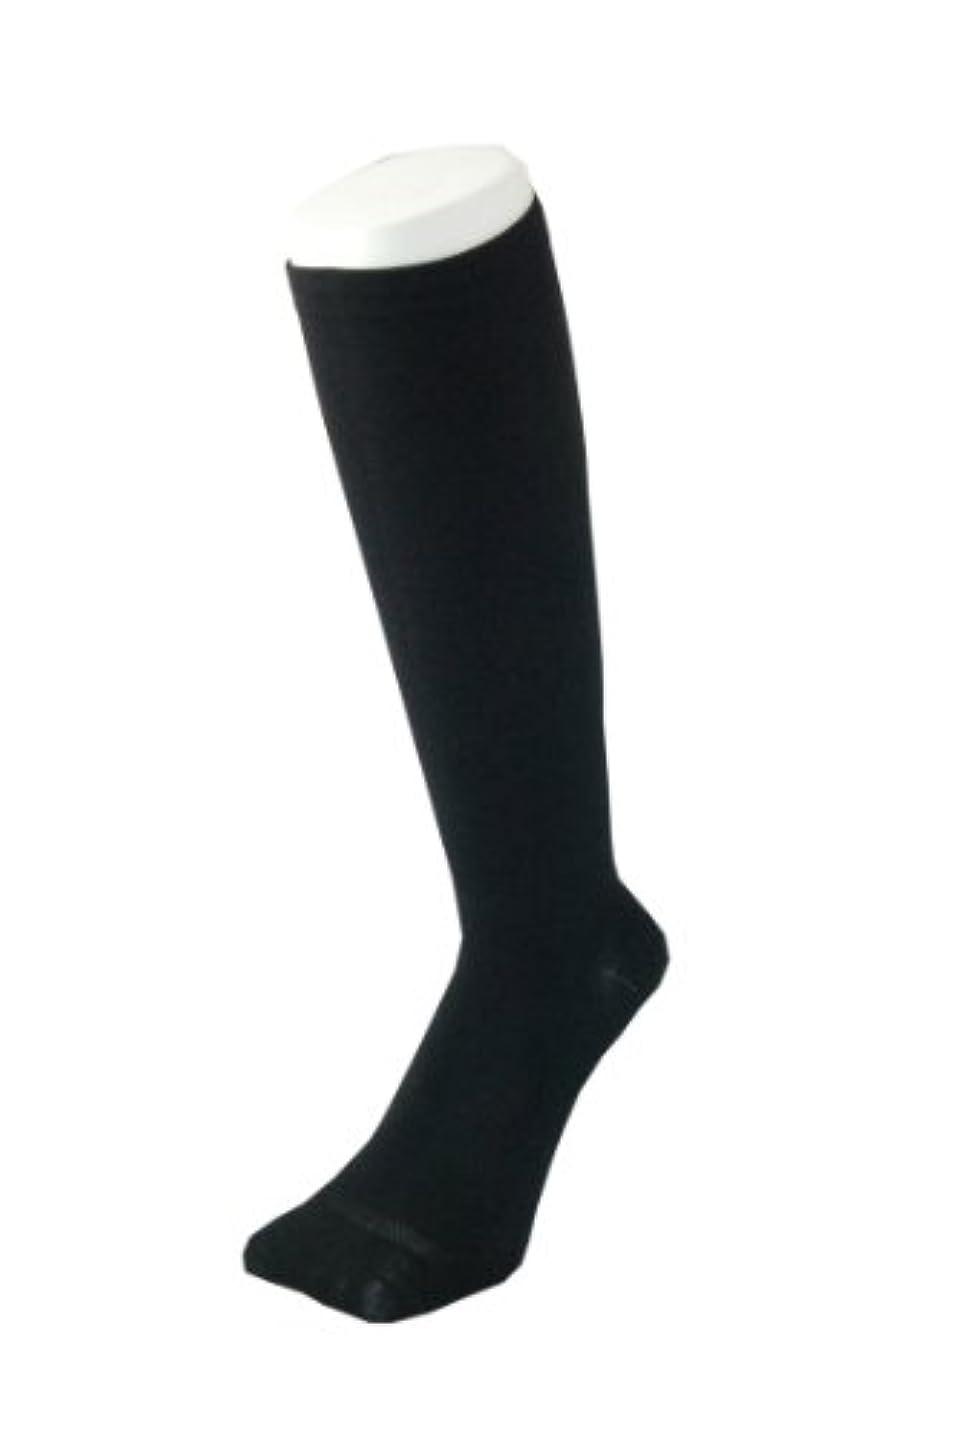 計画百科事典ラジエーターPAX-ASIAN 紳士 メンズ 着圧靴下 ムクミ解消 締め付け サポート ハイソックス (抗菌加工) 1足組 #800 (黒)